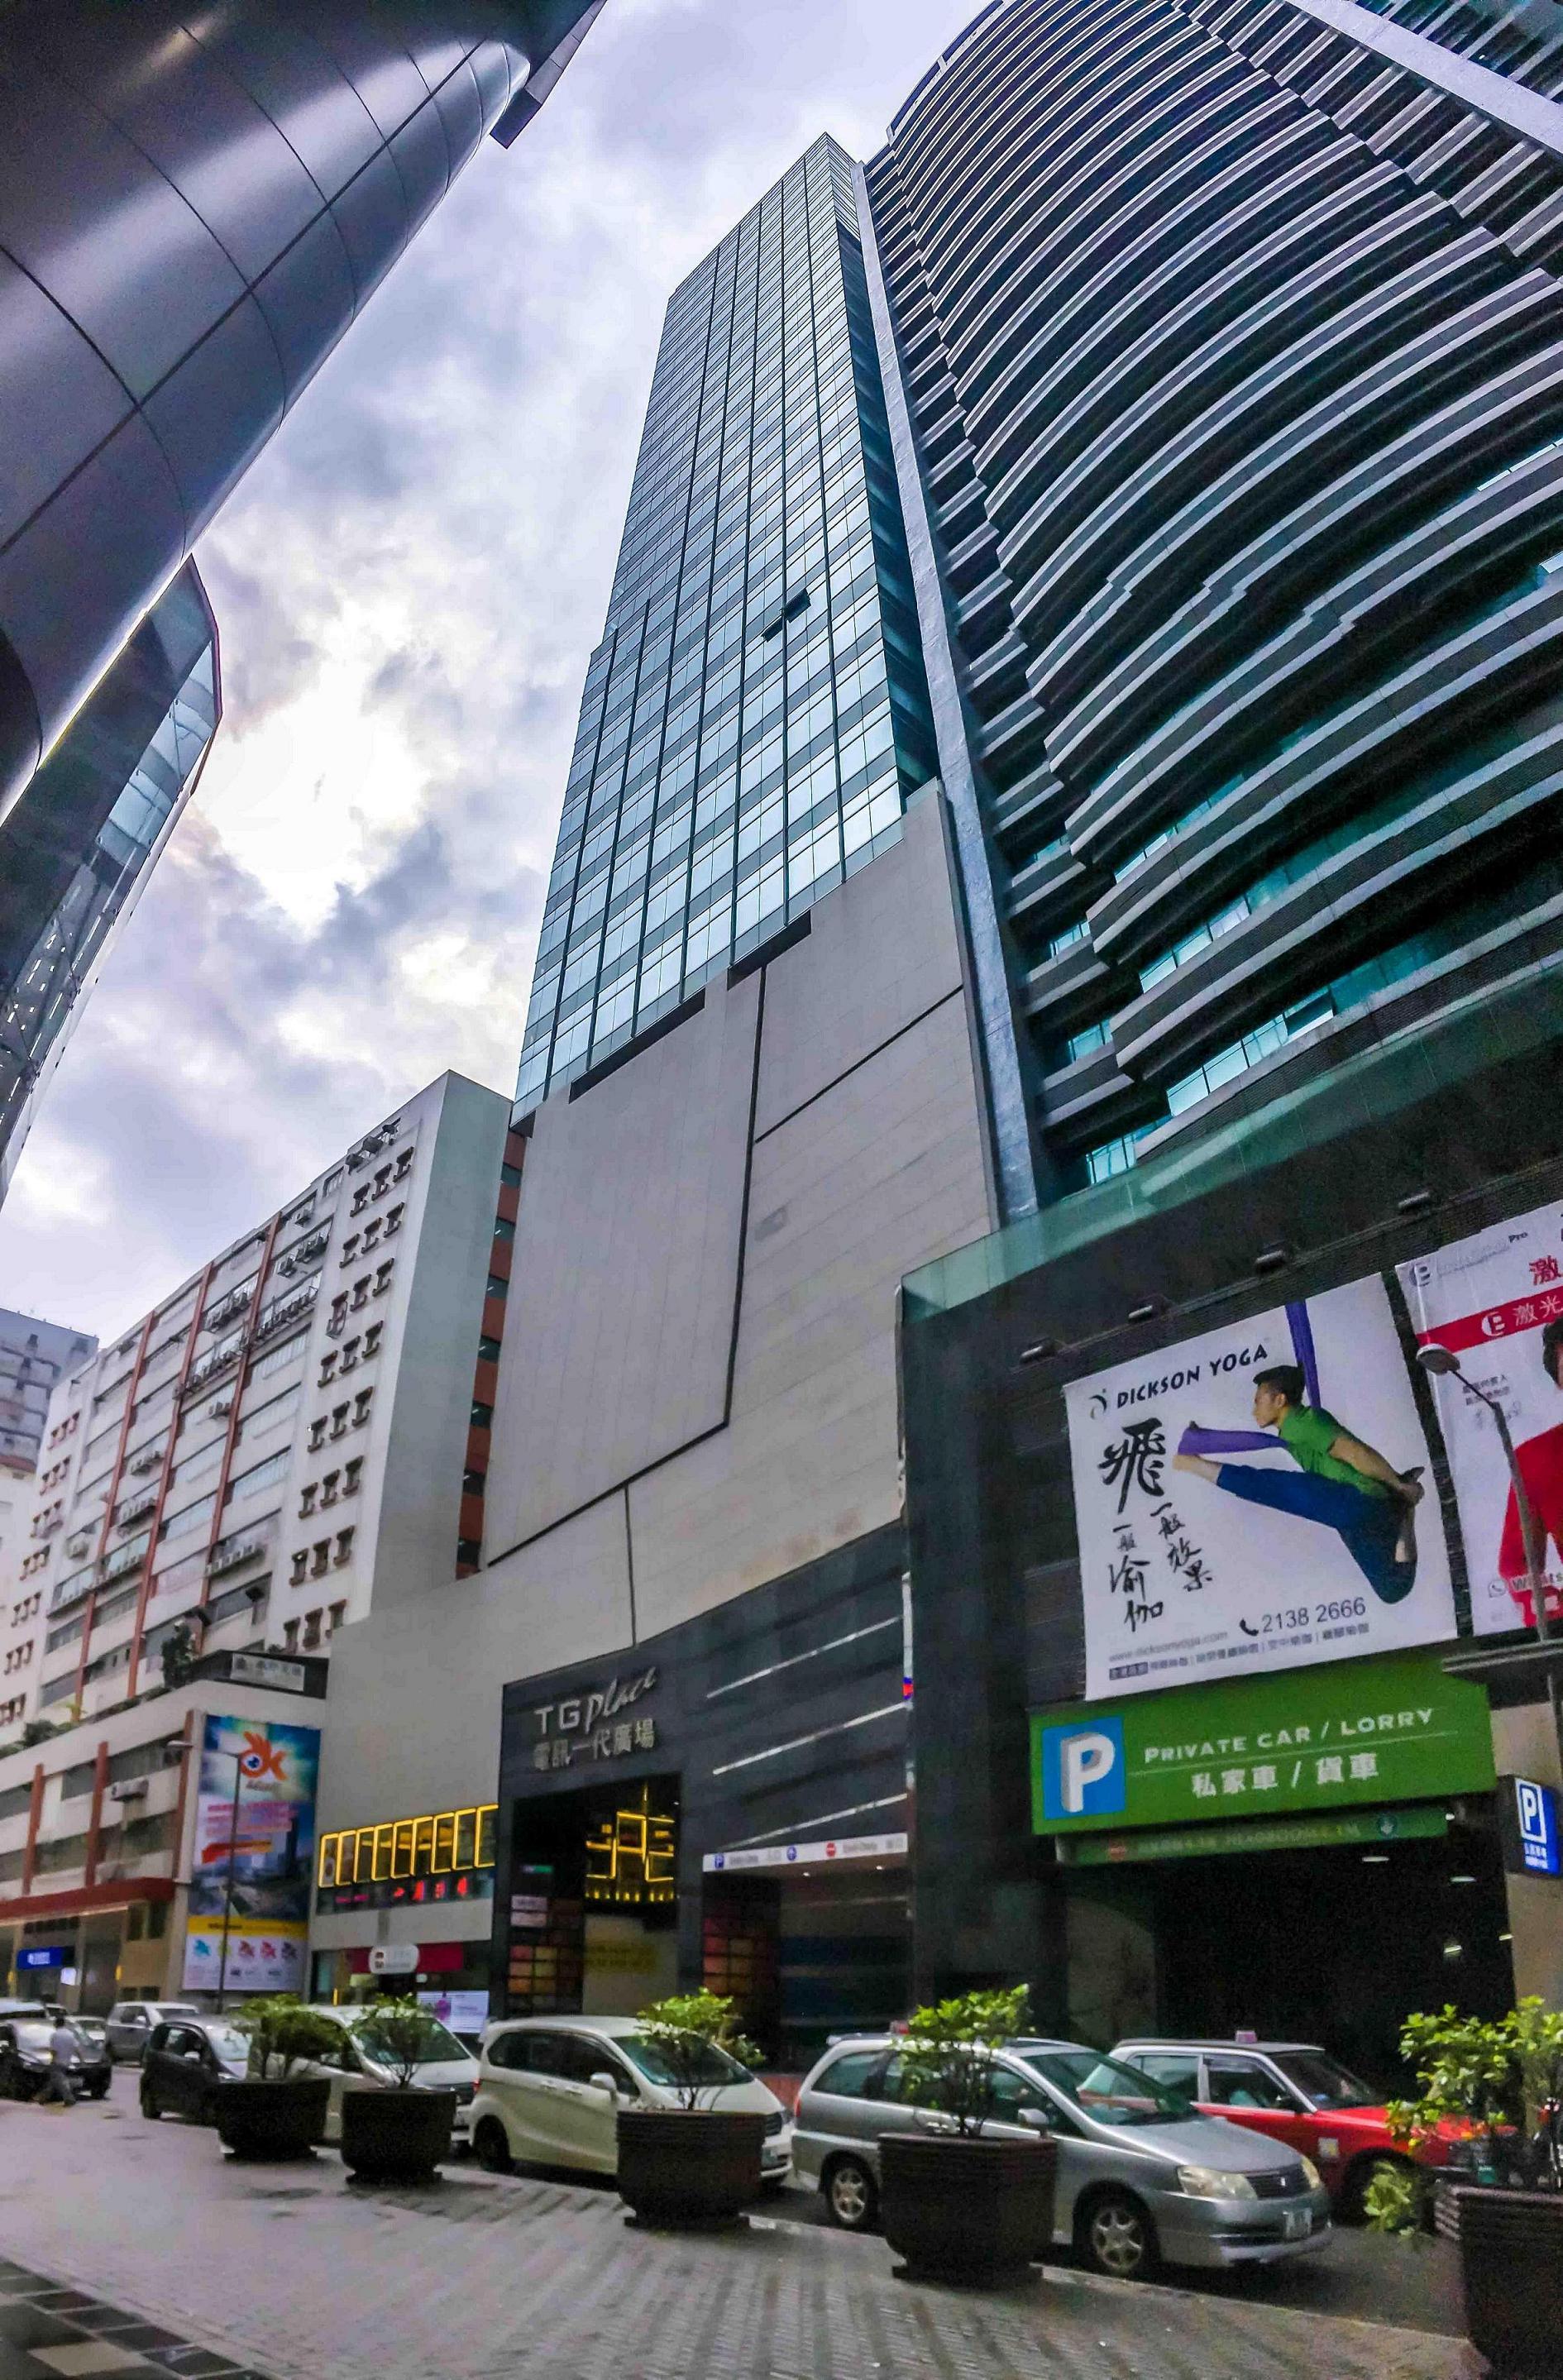 觀塘商貿環境成熟 優質寫字樓受追捧 電訊一代廣場高層海景單邊獨家招租 意向呎租約28元